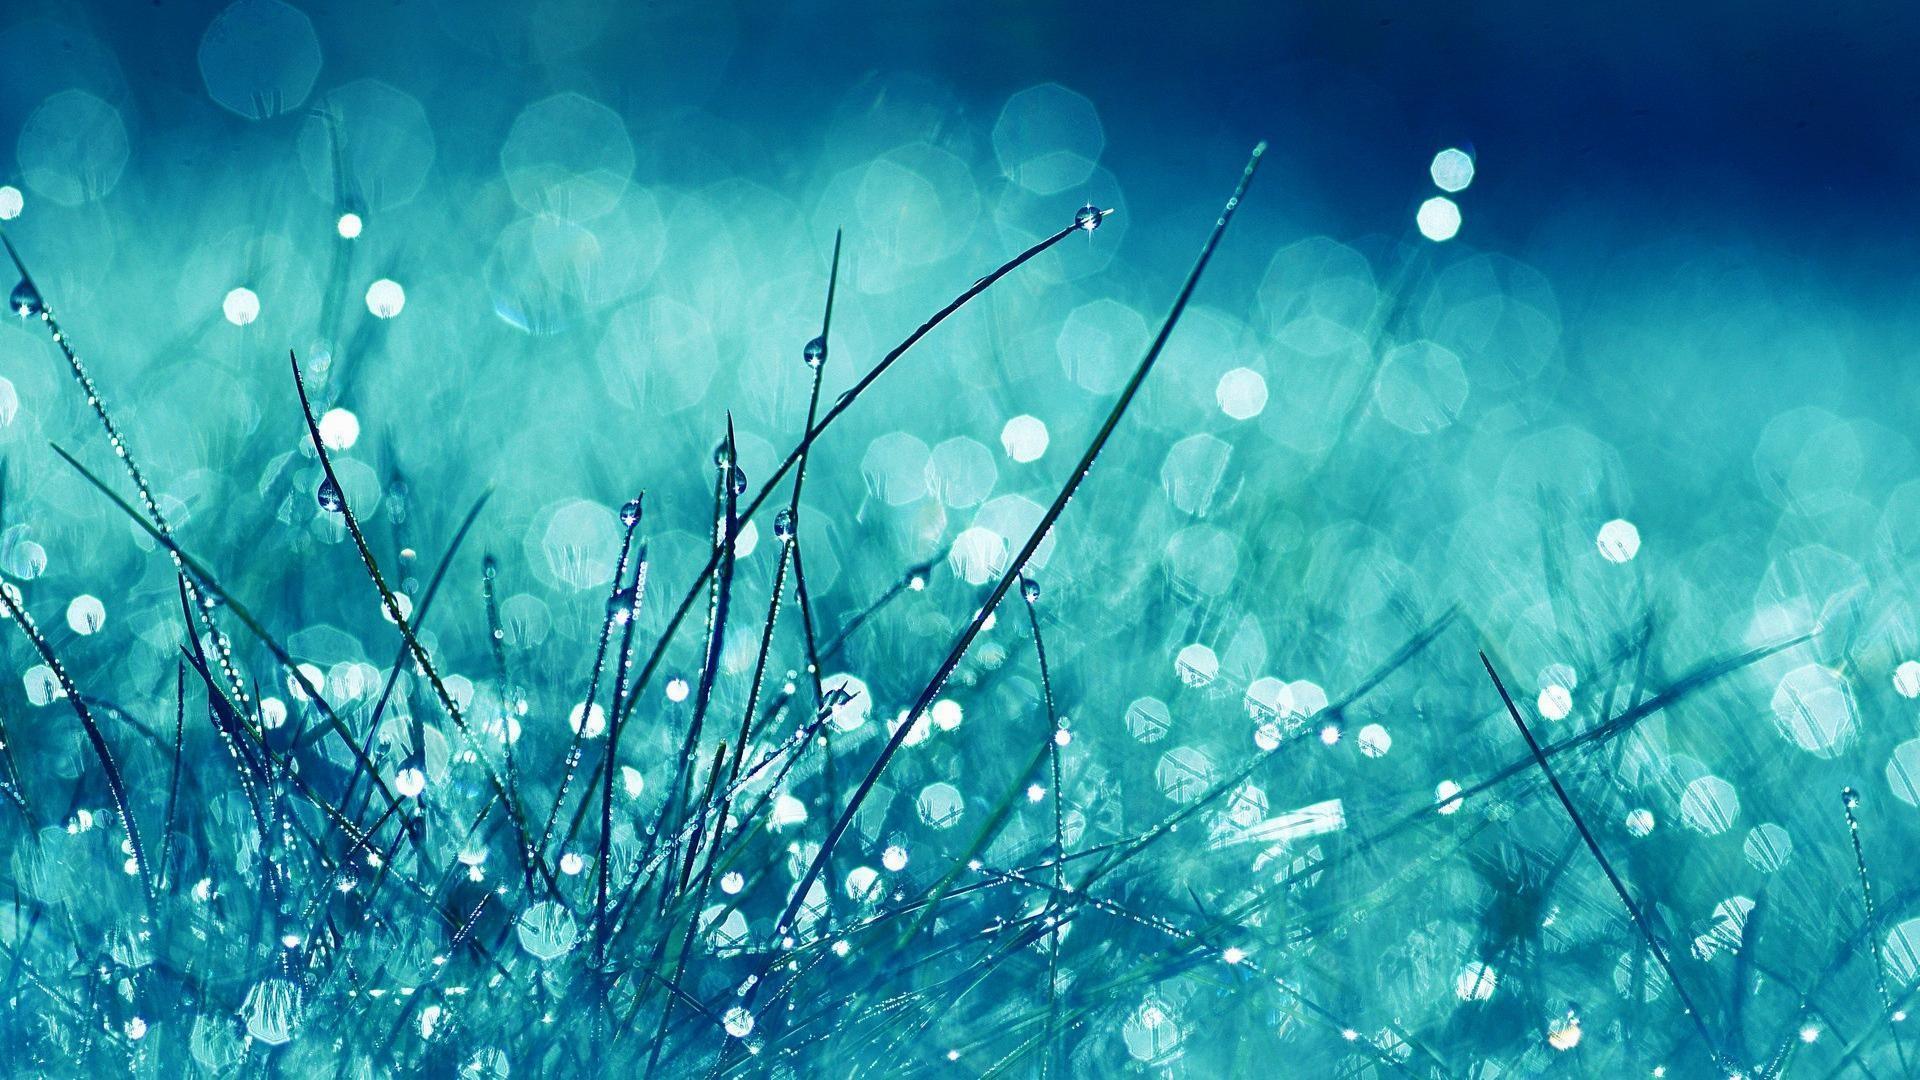 Res: 1920x1080, 2. blue-glitter-wallpaper-HD2-1024x576